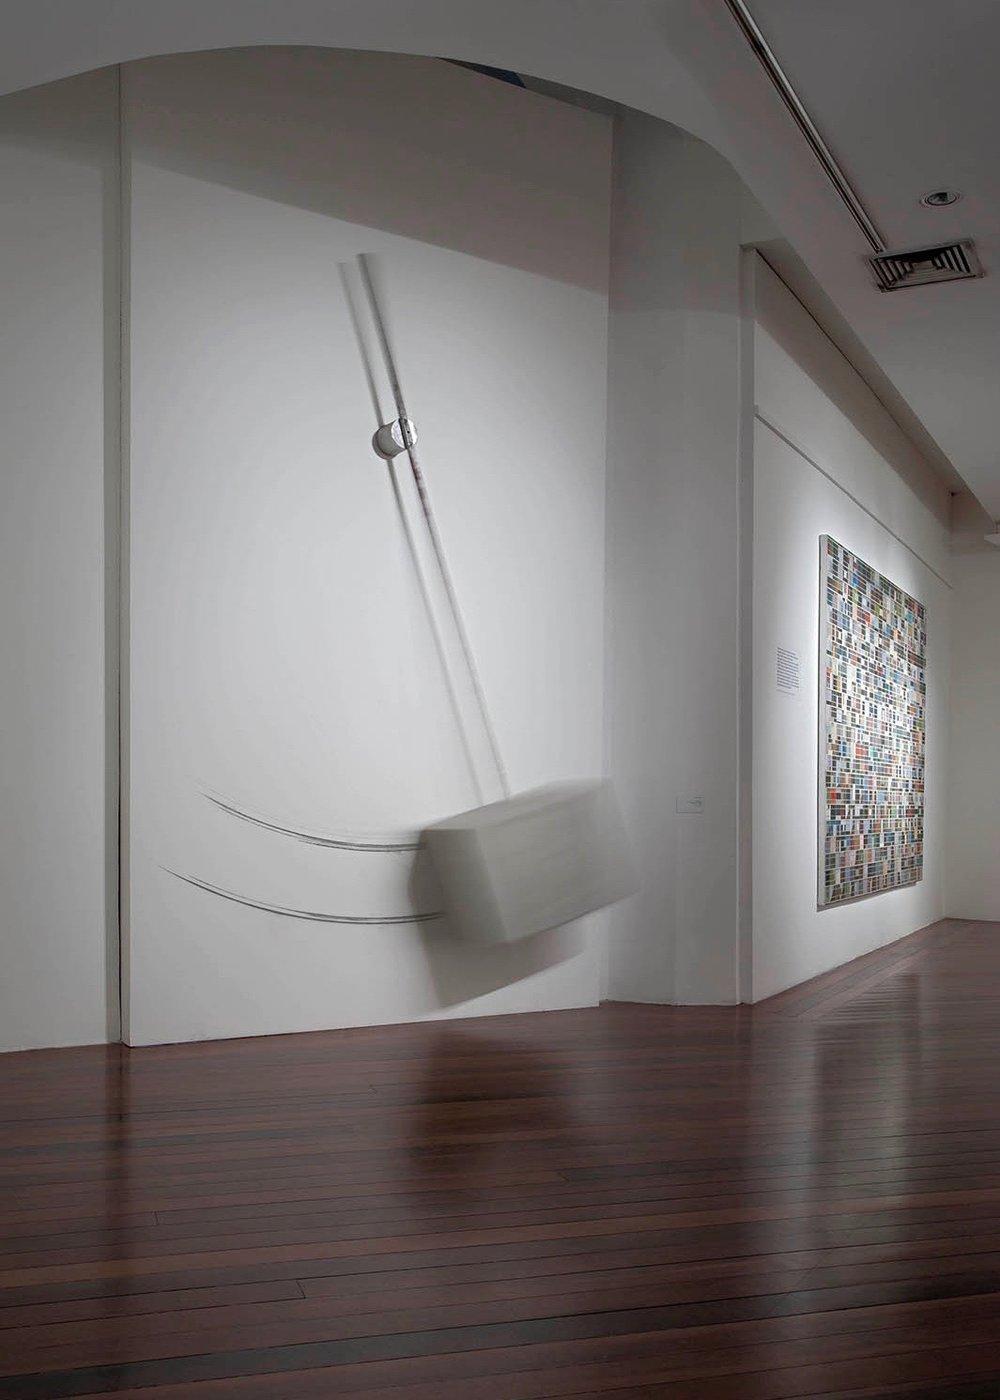 exposição Espelho Refletido, Surrealismo e a Arte Contemporânea Brasileira, Centro Municipal de Artes Hélio Oiticica, RJ, 2012_.jpg